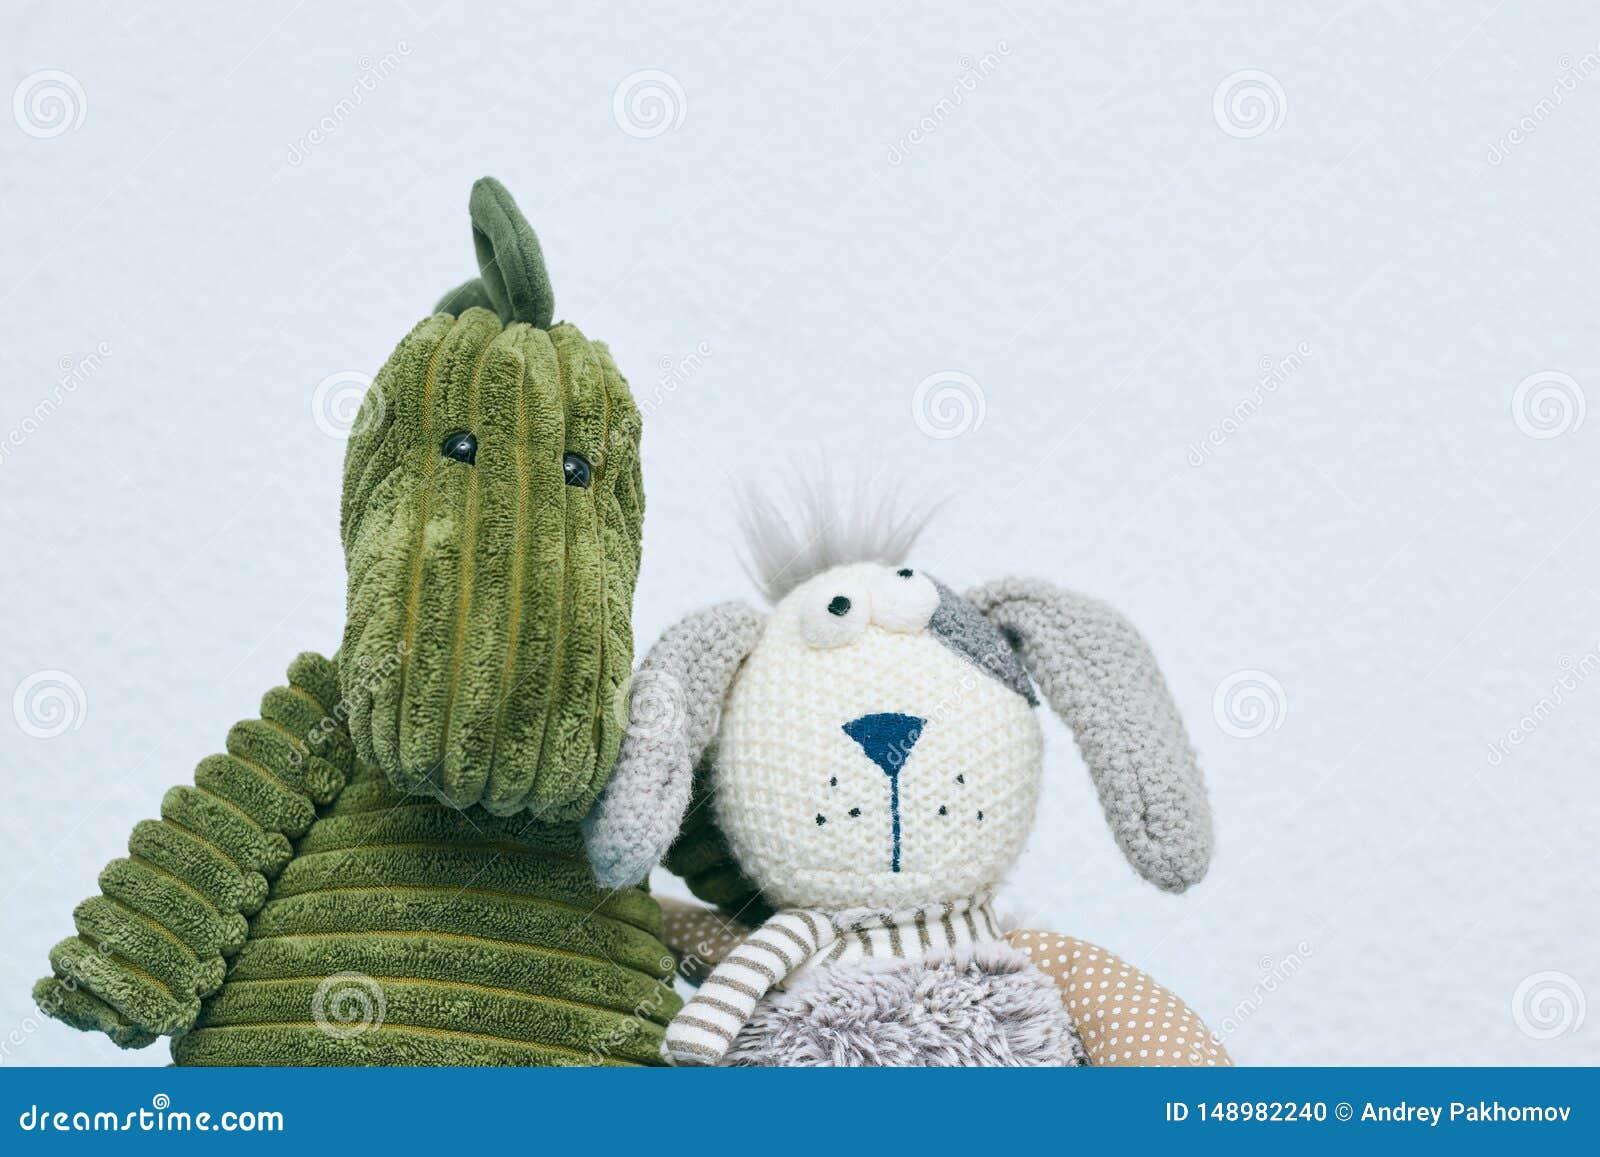 Brinquedos do luxuoso do coelho cinzento e do dinossauro verde para crian?as em um fundo claro Vista horizontal Copie o espa?o o